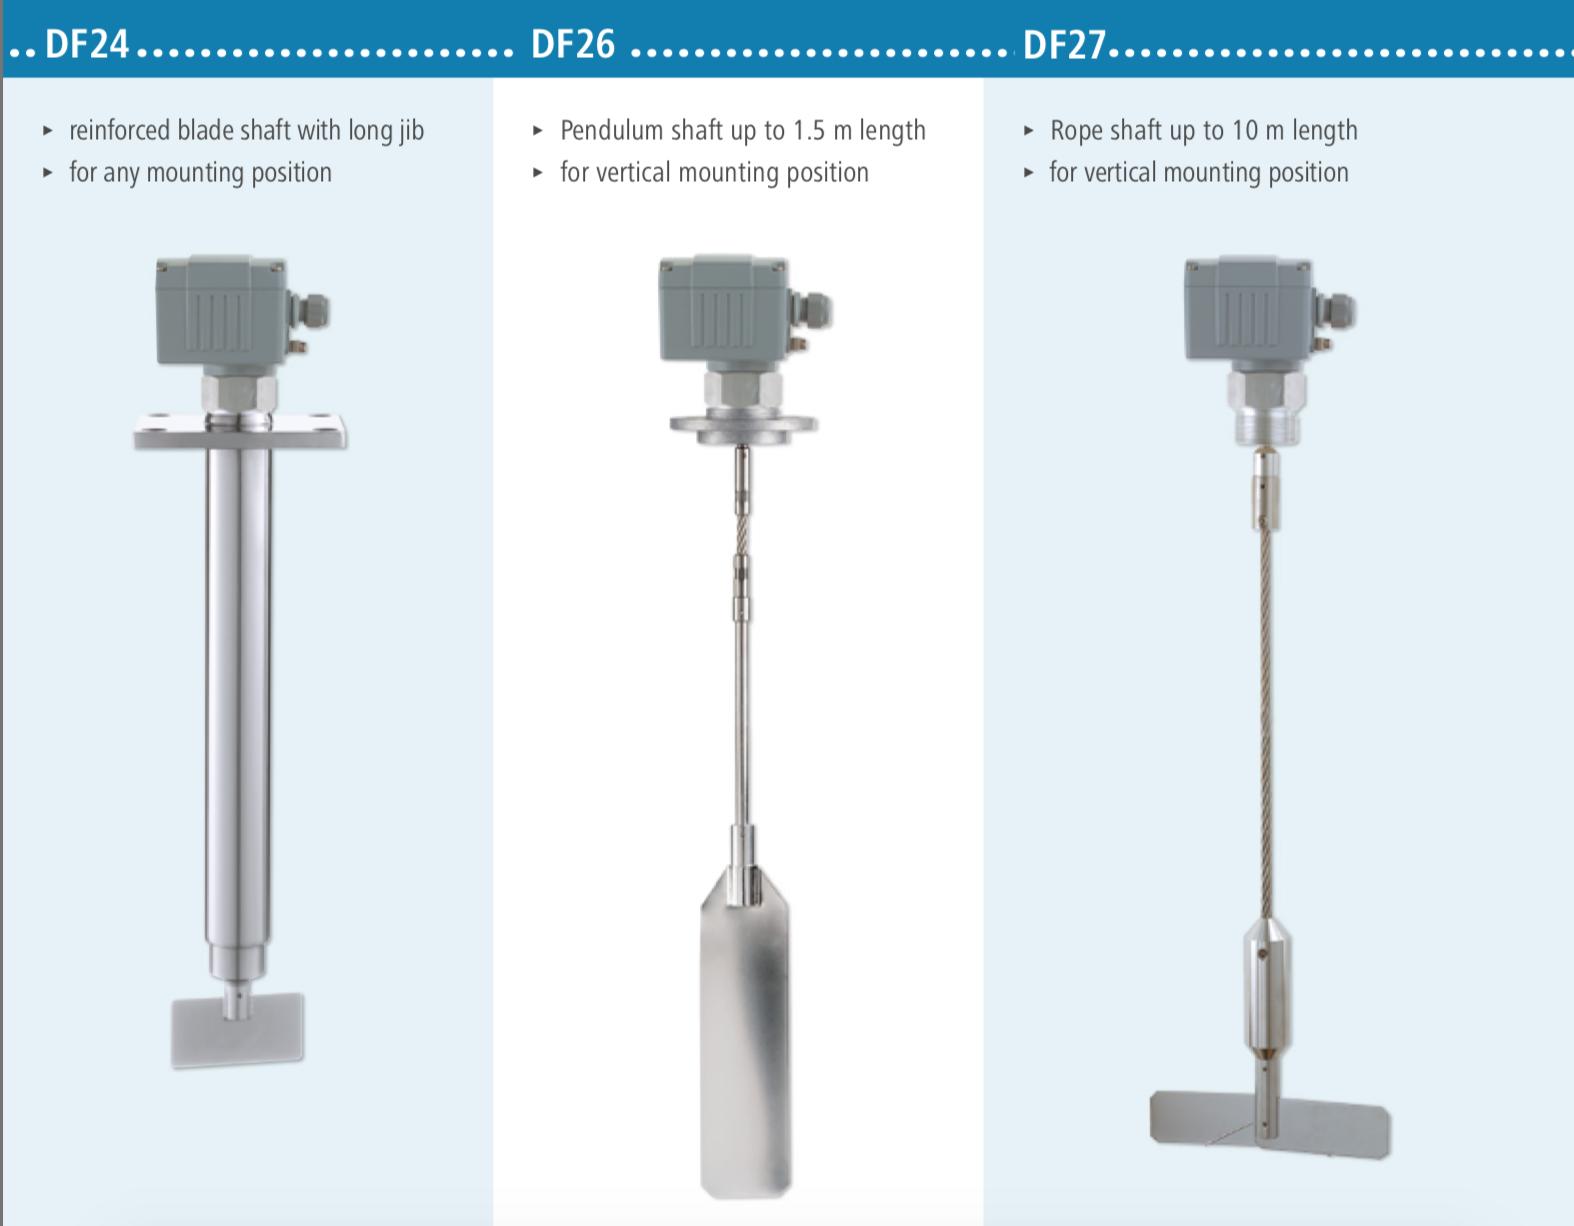 Bộ đo mức cánh xoay DF27 - Mollet loại ngắn